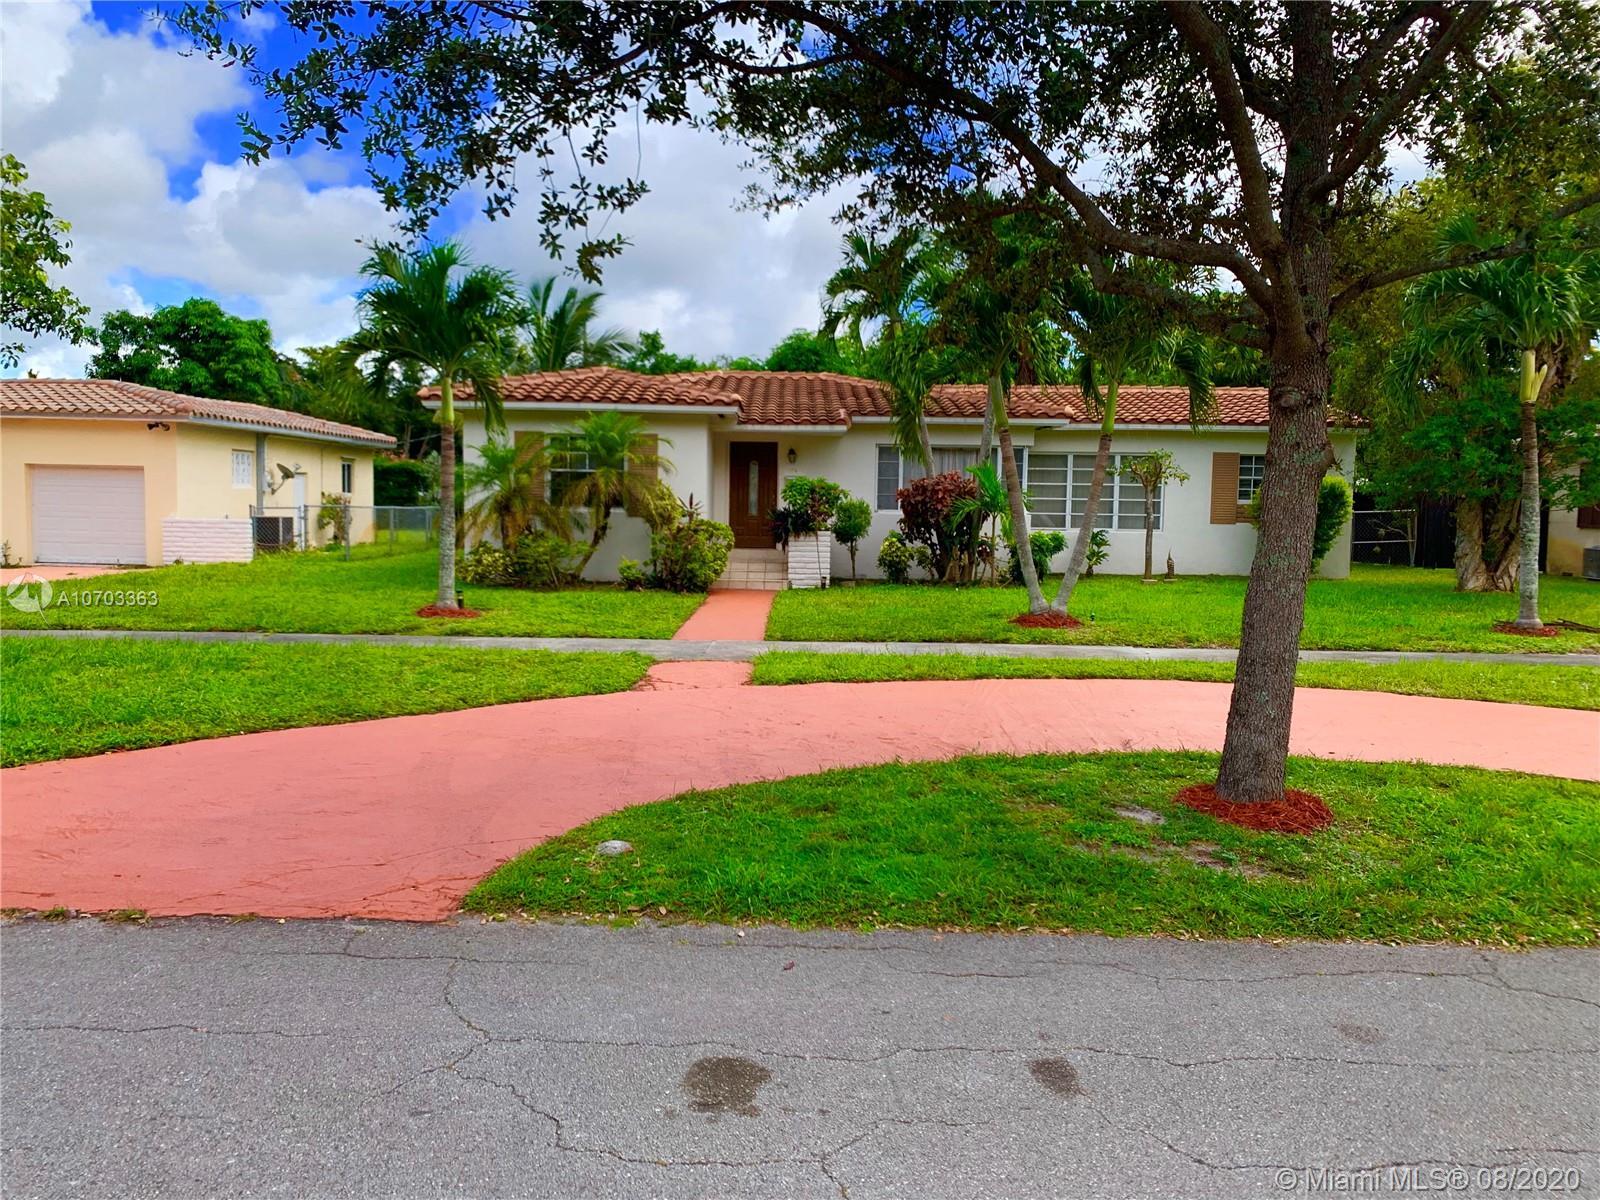 174 NW 108th St, Miami Shores, FL 33168